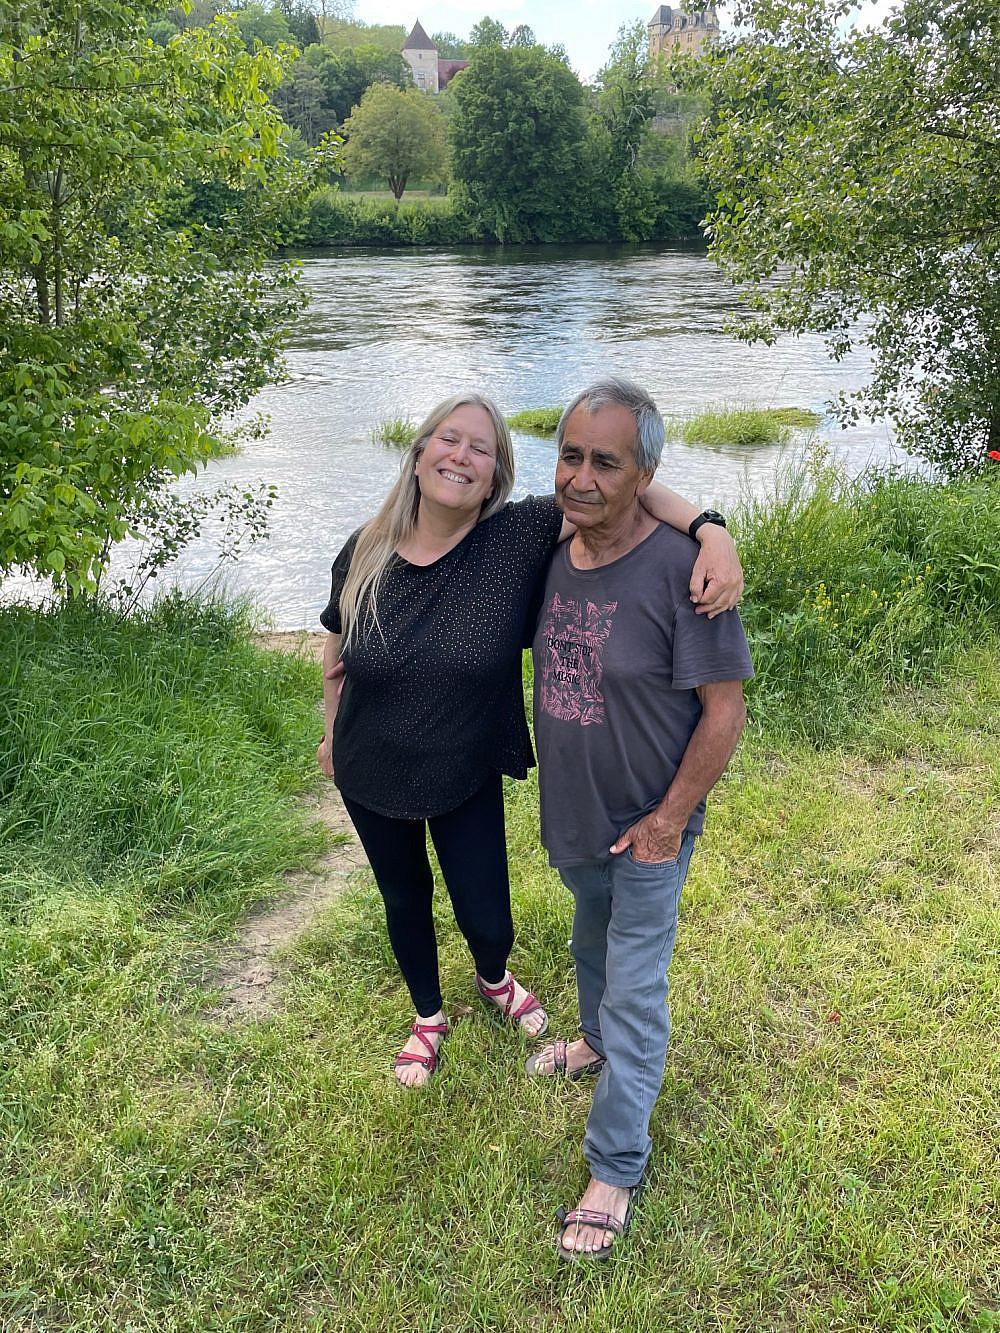 למרגלות הנהר שליד ביתם בברנטום בני הזוג אורי ורותם בר. צילום: דפי קרמר